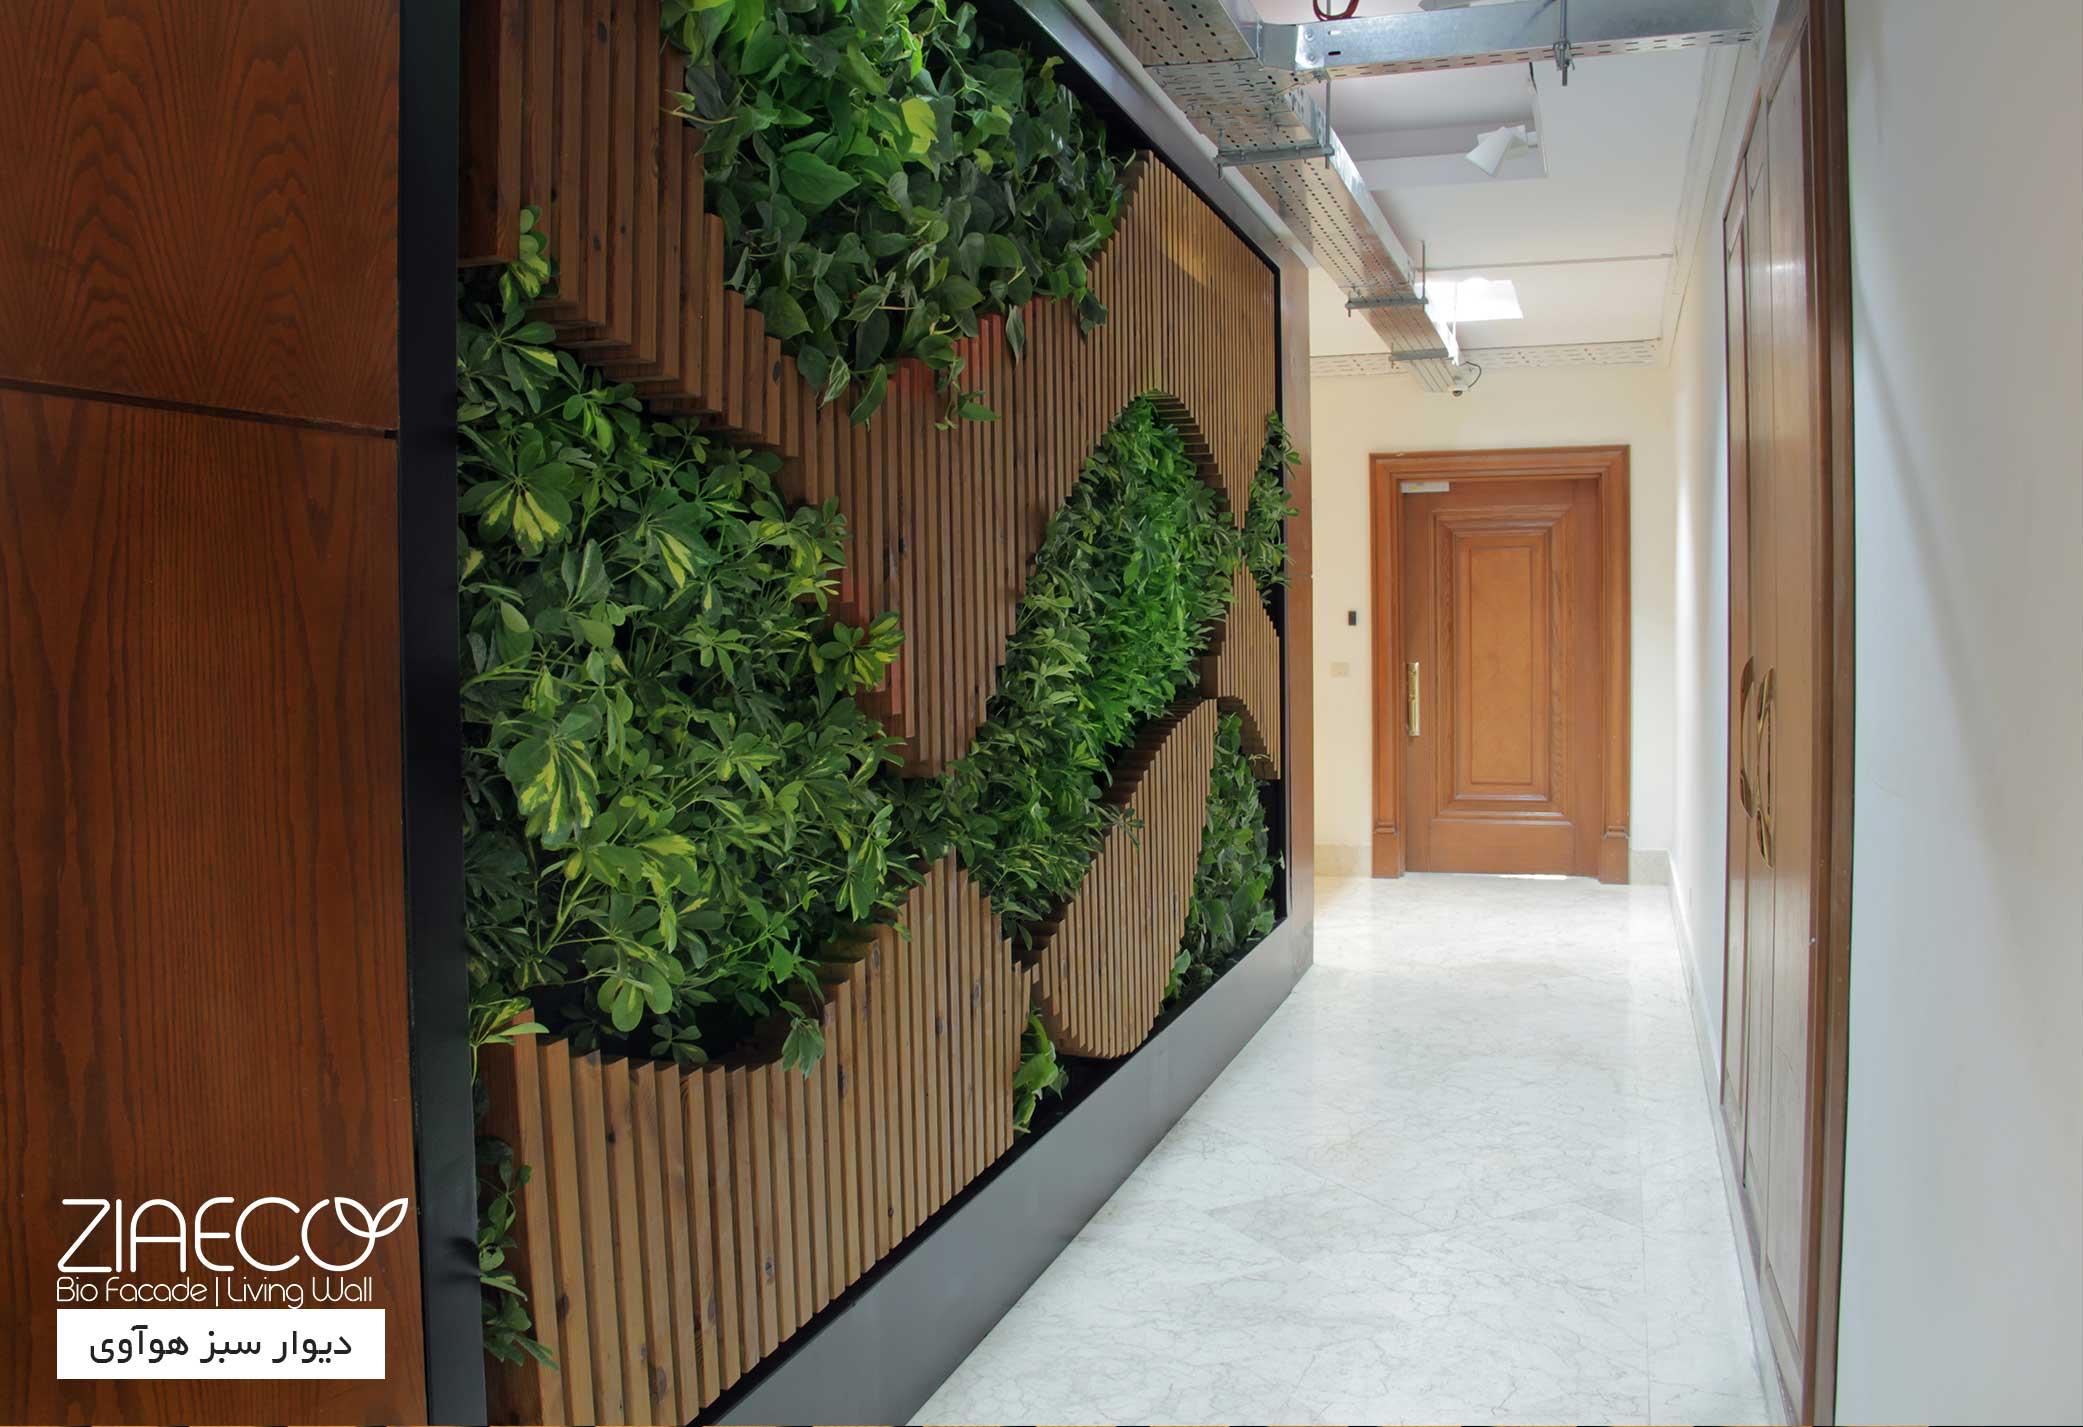 دیوار سبز و فیلتر کردن فضای زندگی